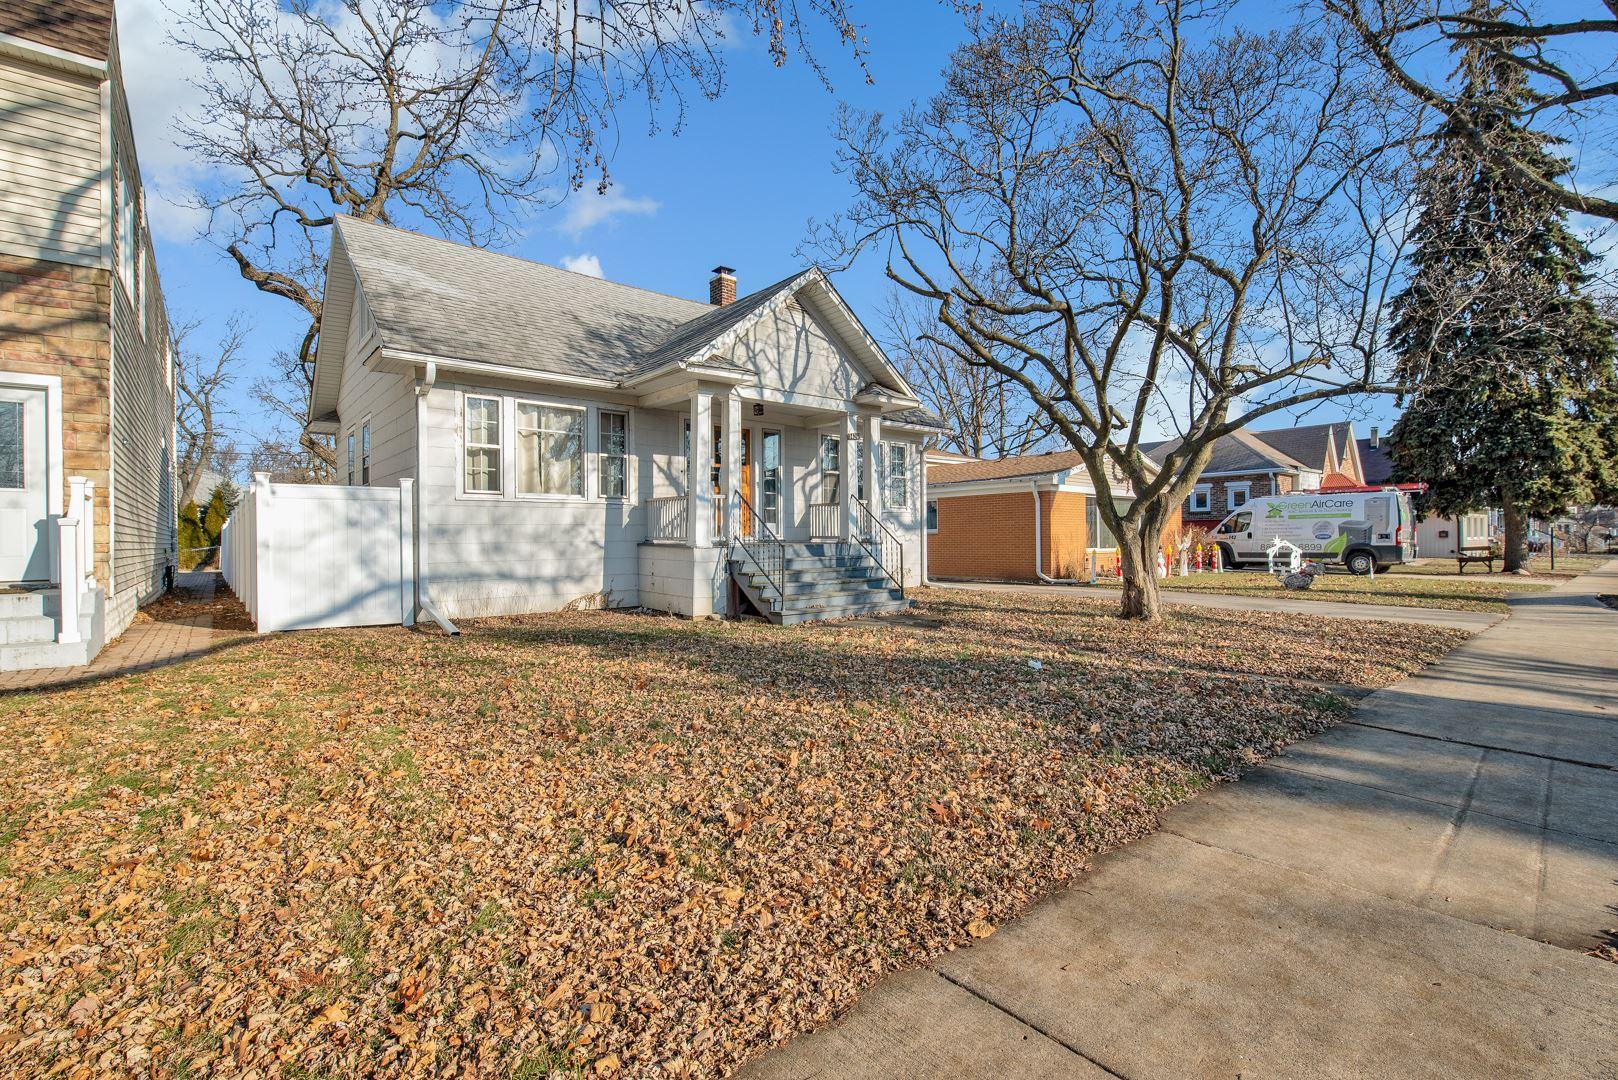 Photo for 1426 East Algonquin Road, Des Plaines, IL 60016 (MLS # 10623142)